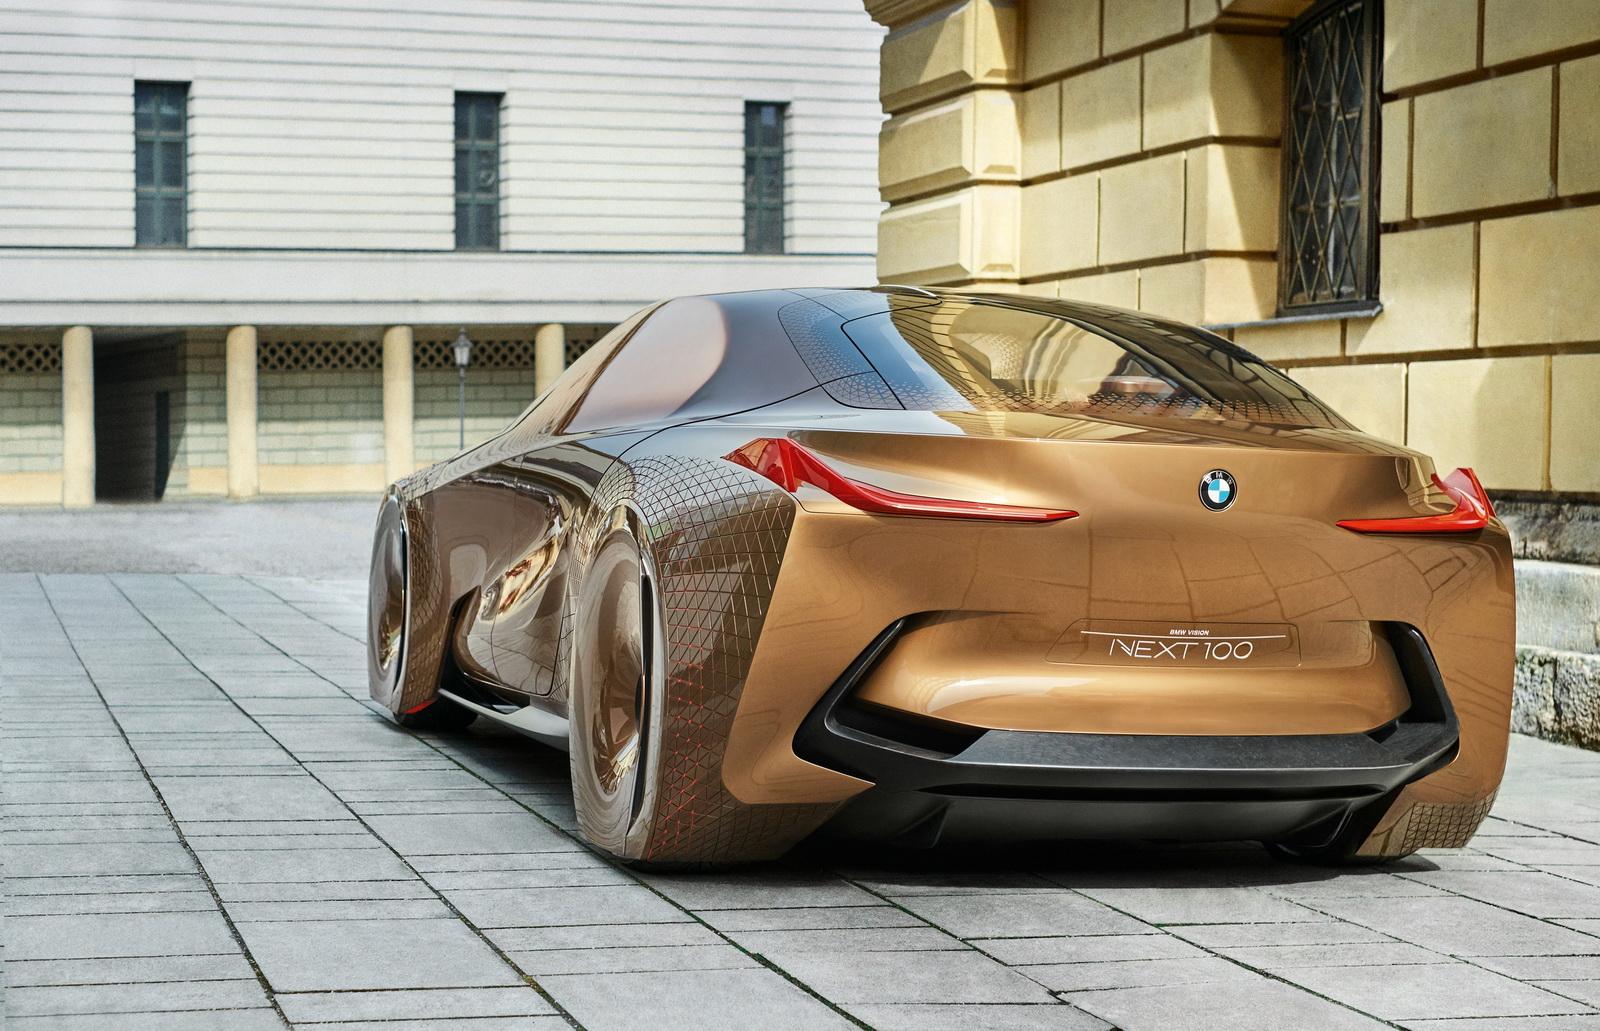 2016-BMWVision100-33.jpg